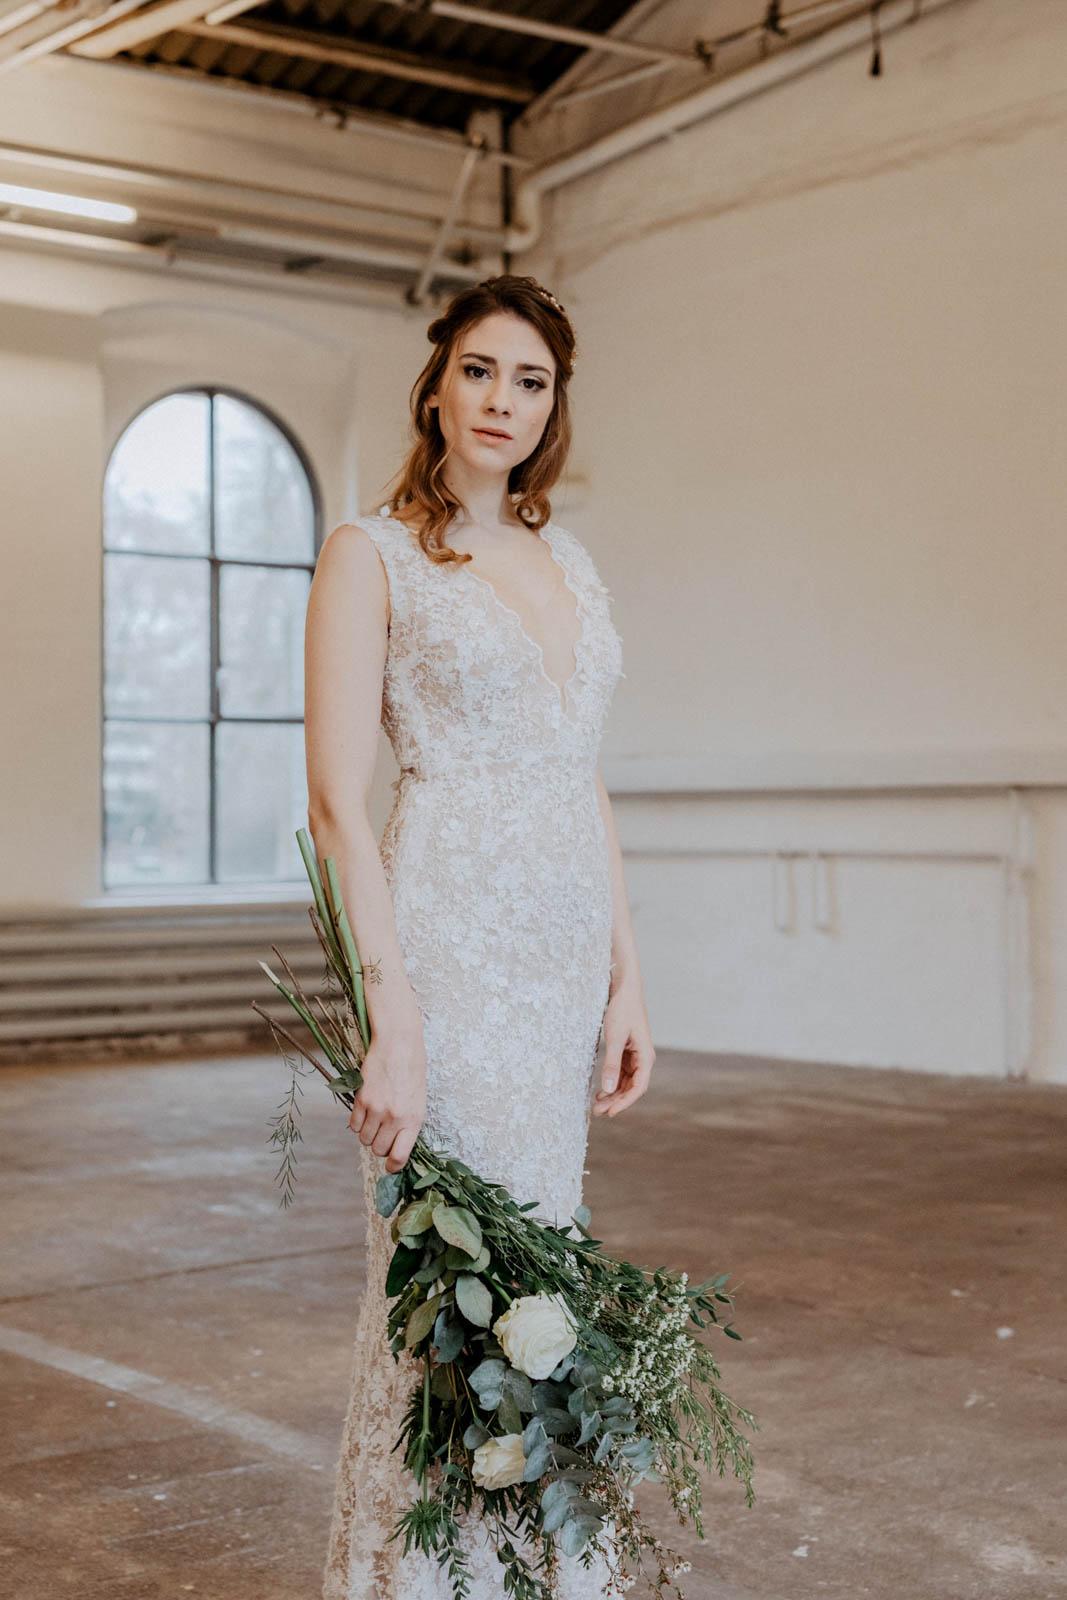 Brautkleid aus Spitze mit Brautstrauß